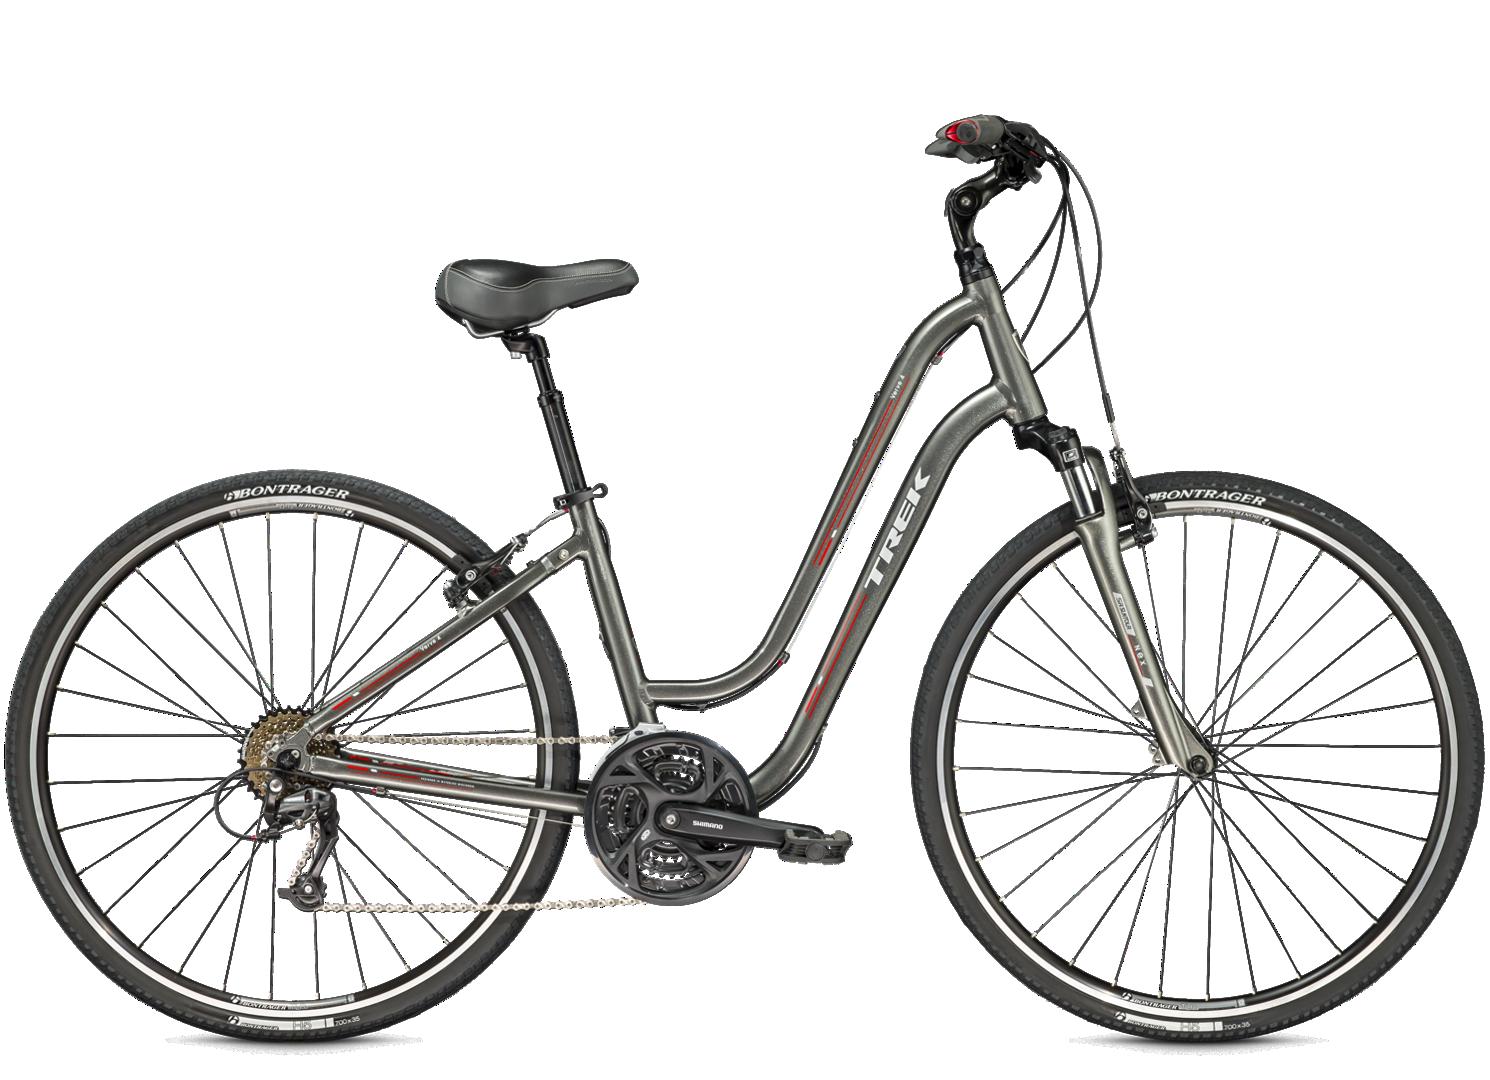 Verve 4 Wsd Trek Bicycle